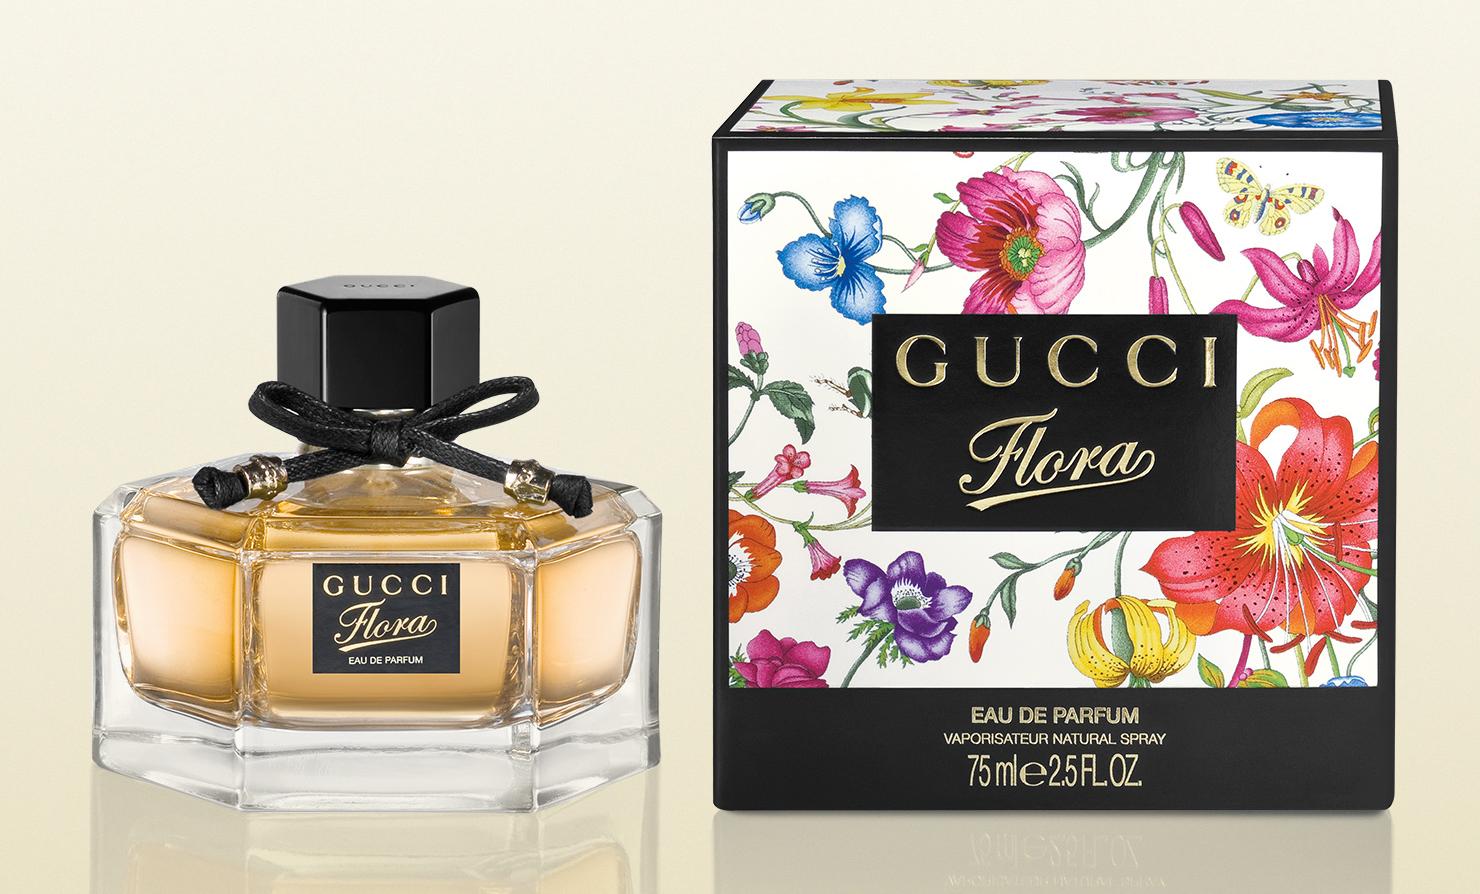 273ec18ee عطر قوتشي فلورا إصدار ماء العطر Flora by Gucci Eau de Parfum